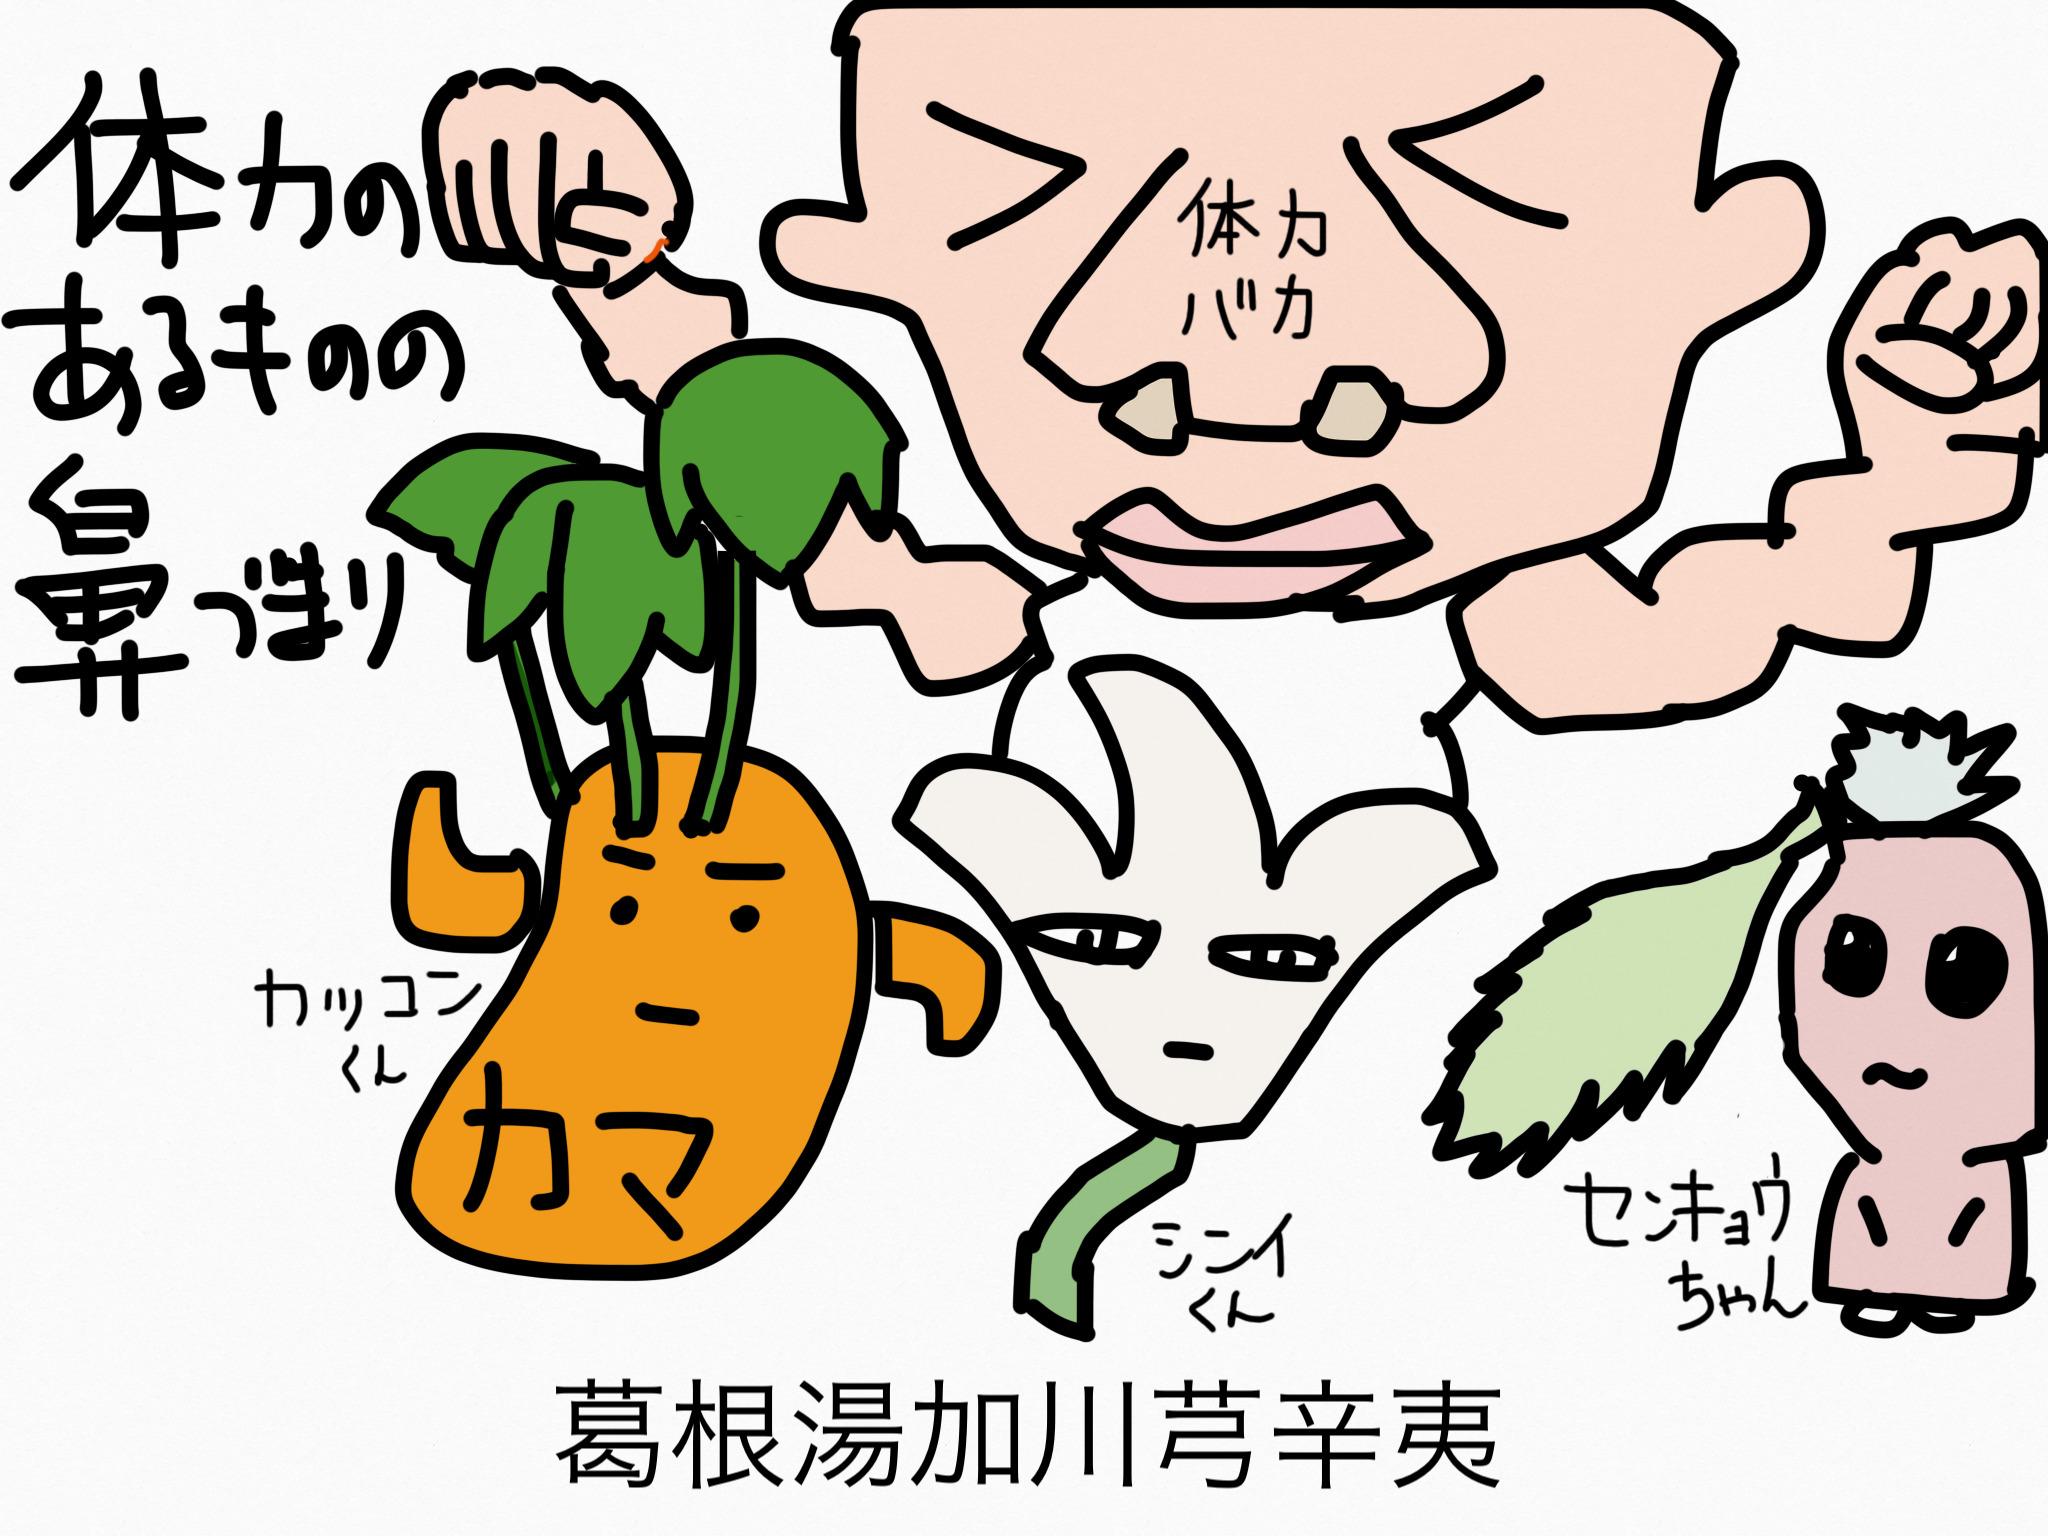 葛根湯加川芎辛夷(かっこんとうかせんきゅうしんい)[鼻の症状]【漢方の覚え方】